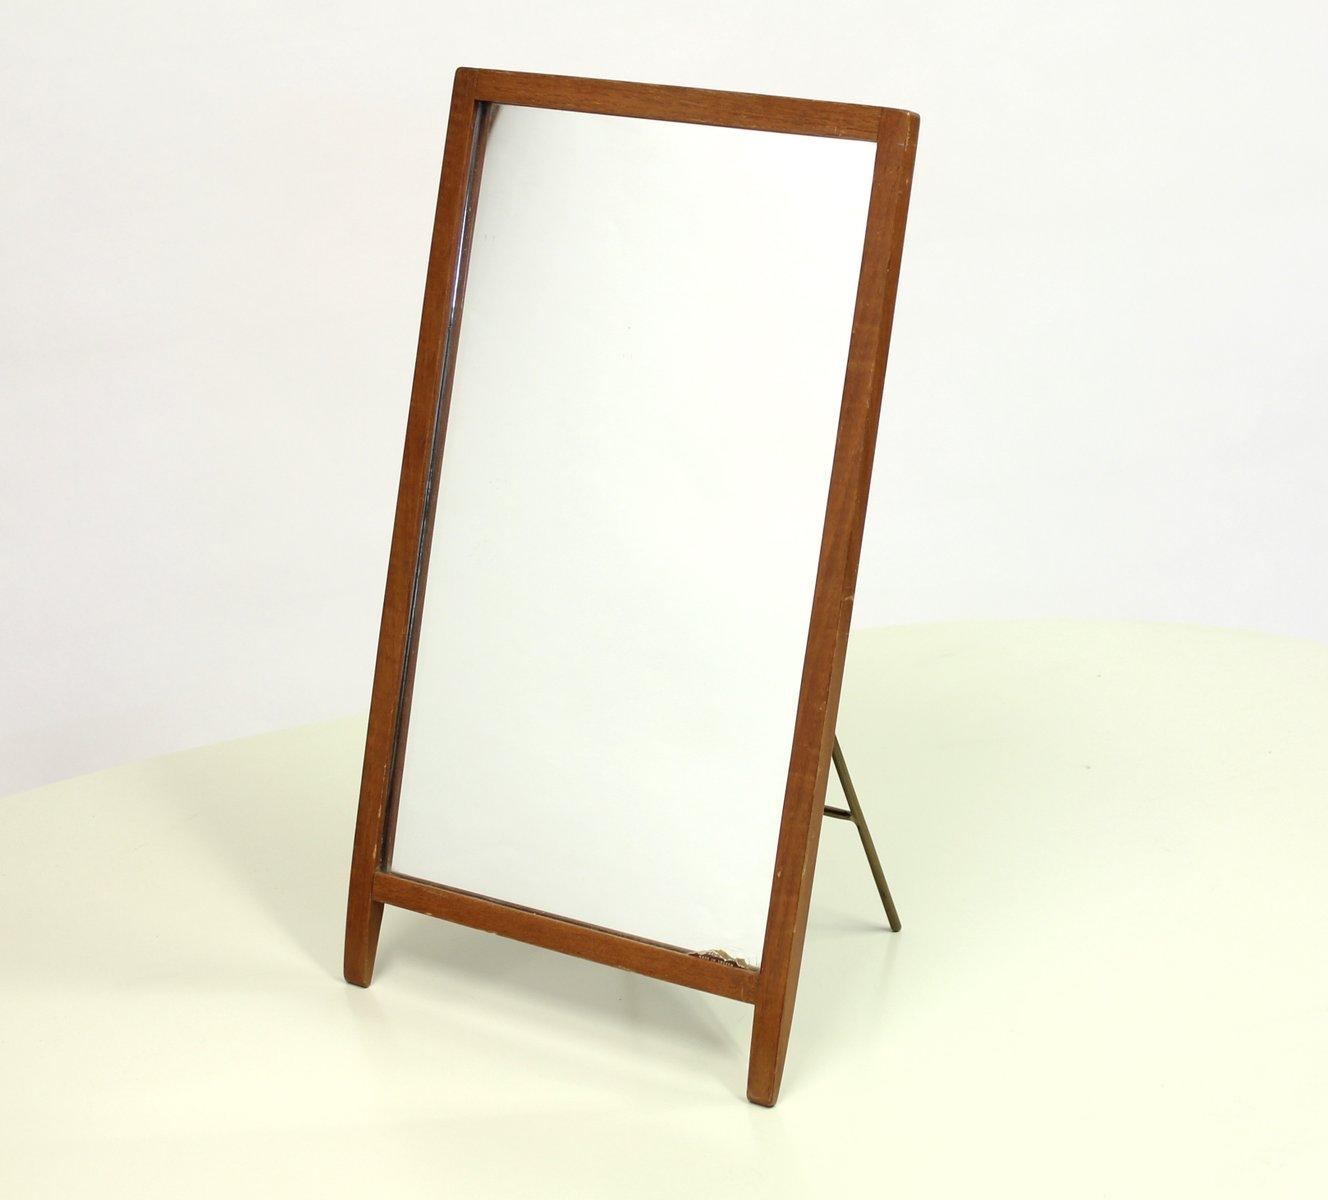 Specchio da tavolo di hans agne jakobsson anni 39 60 in vendita su pamono - Specchio da tavolo ...